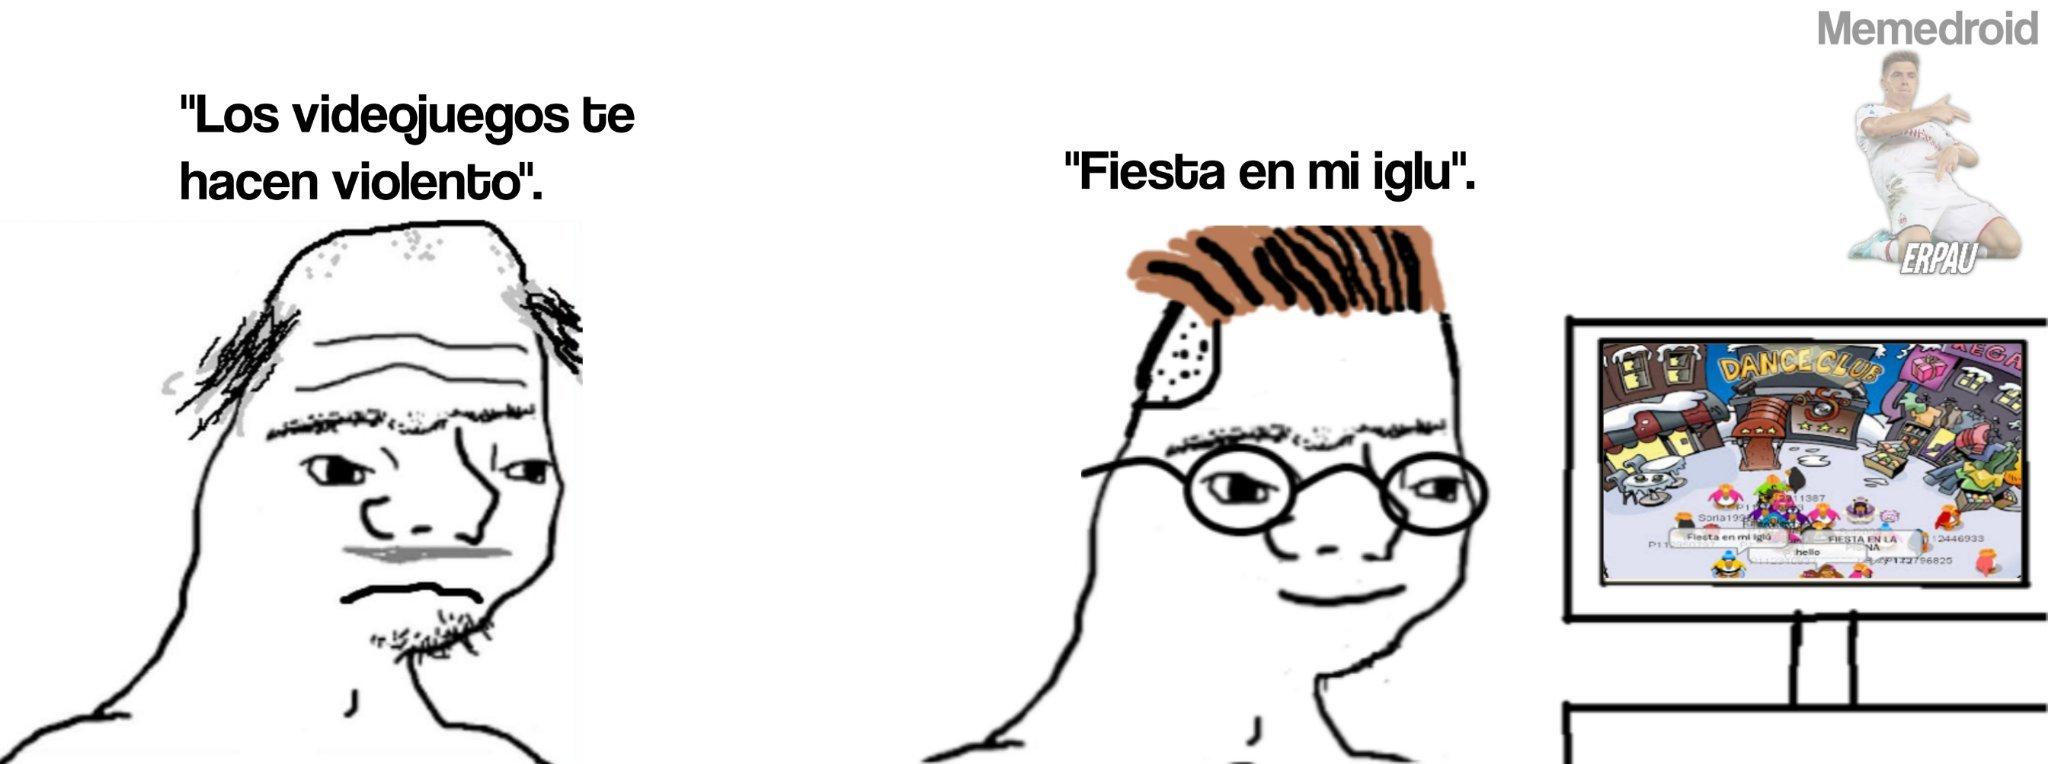 Fiesta en mi iglú ._.XD - meme